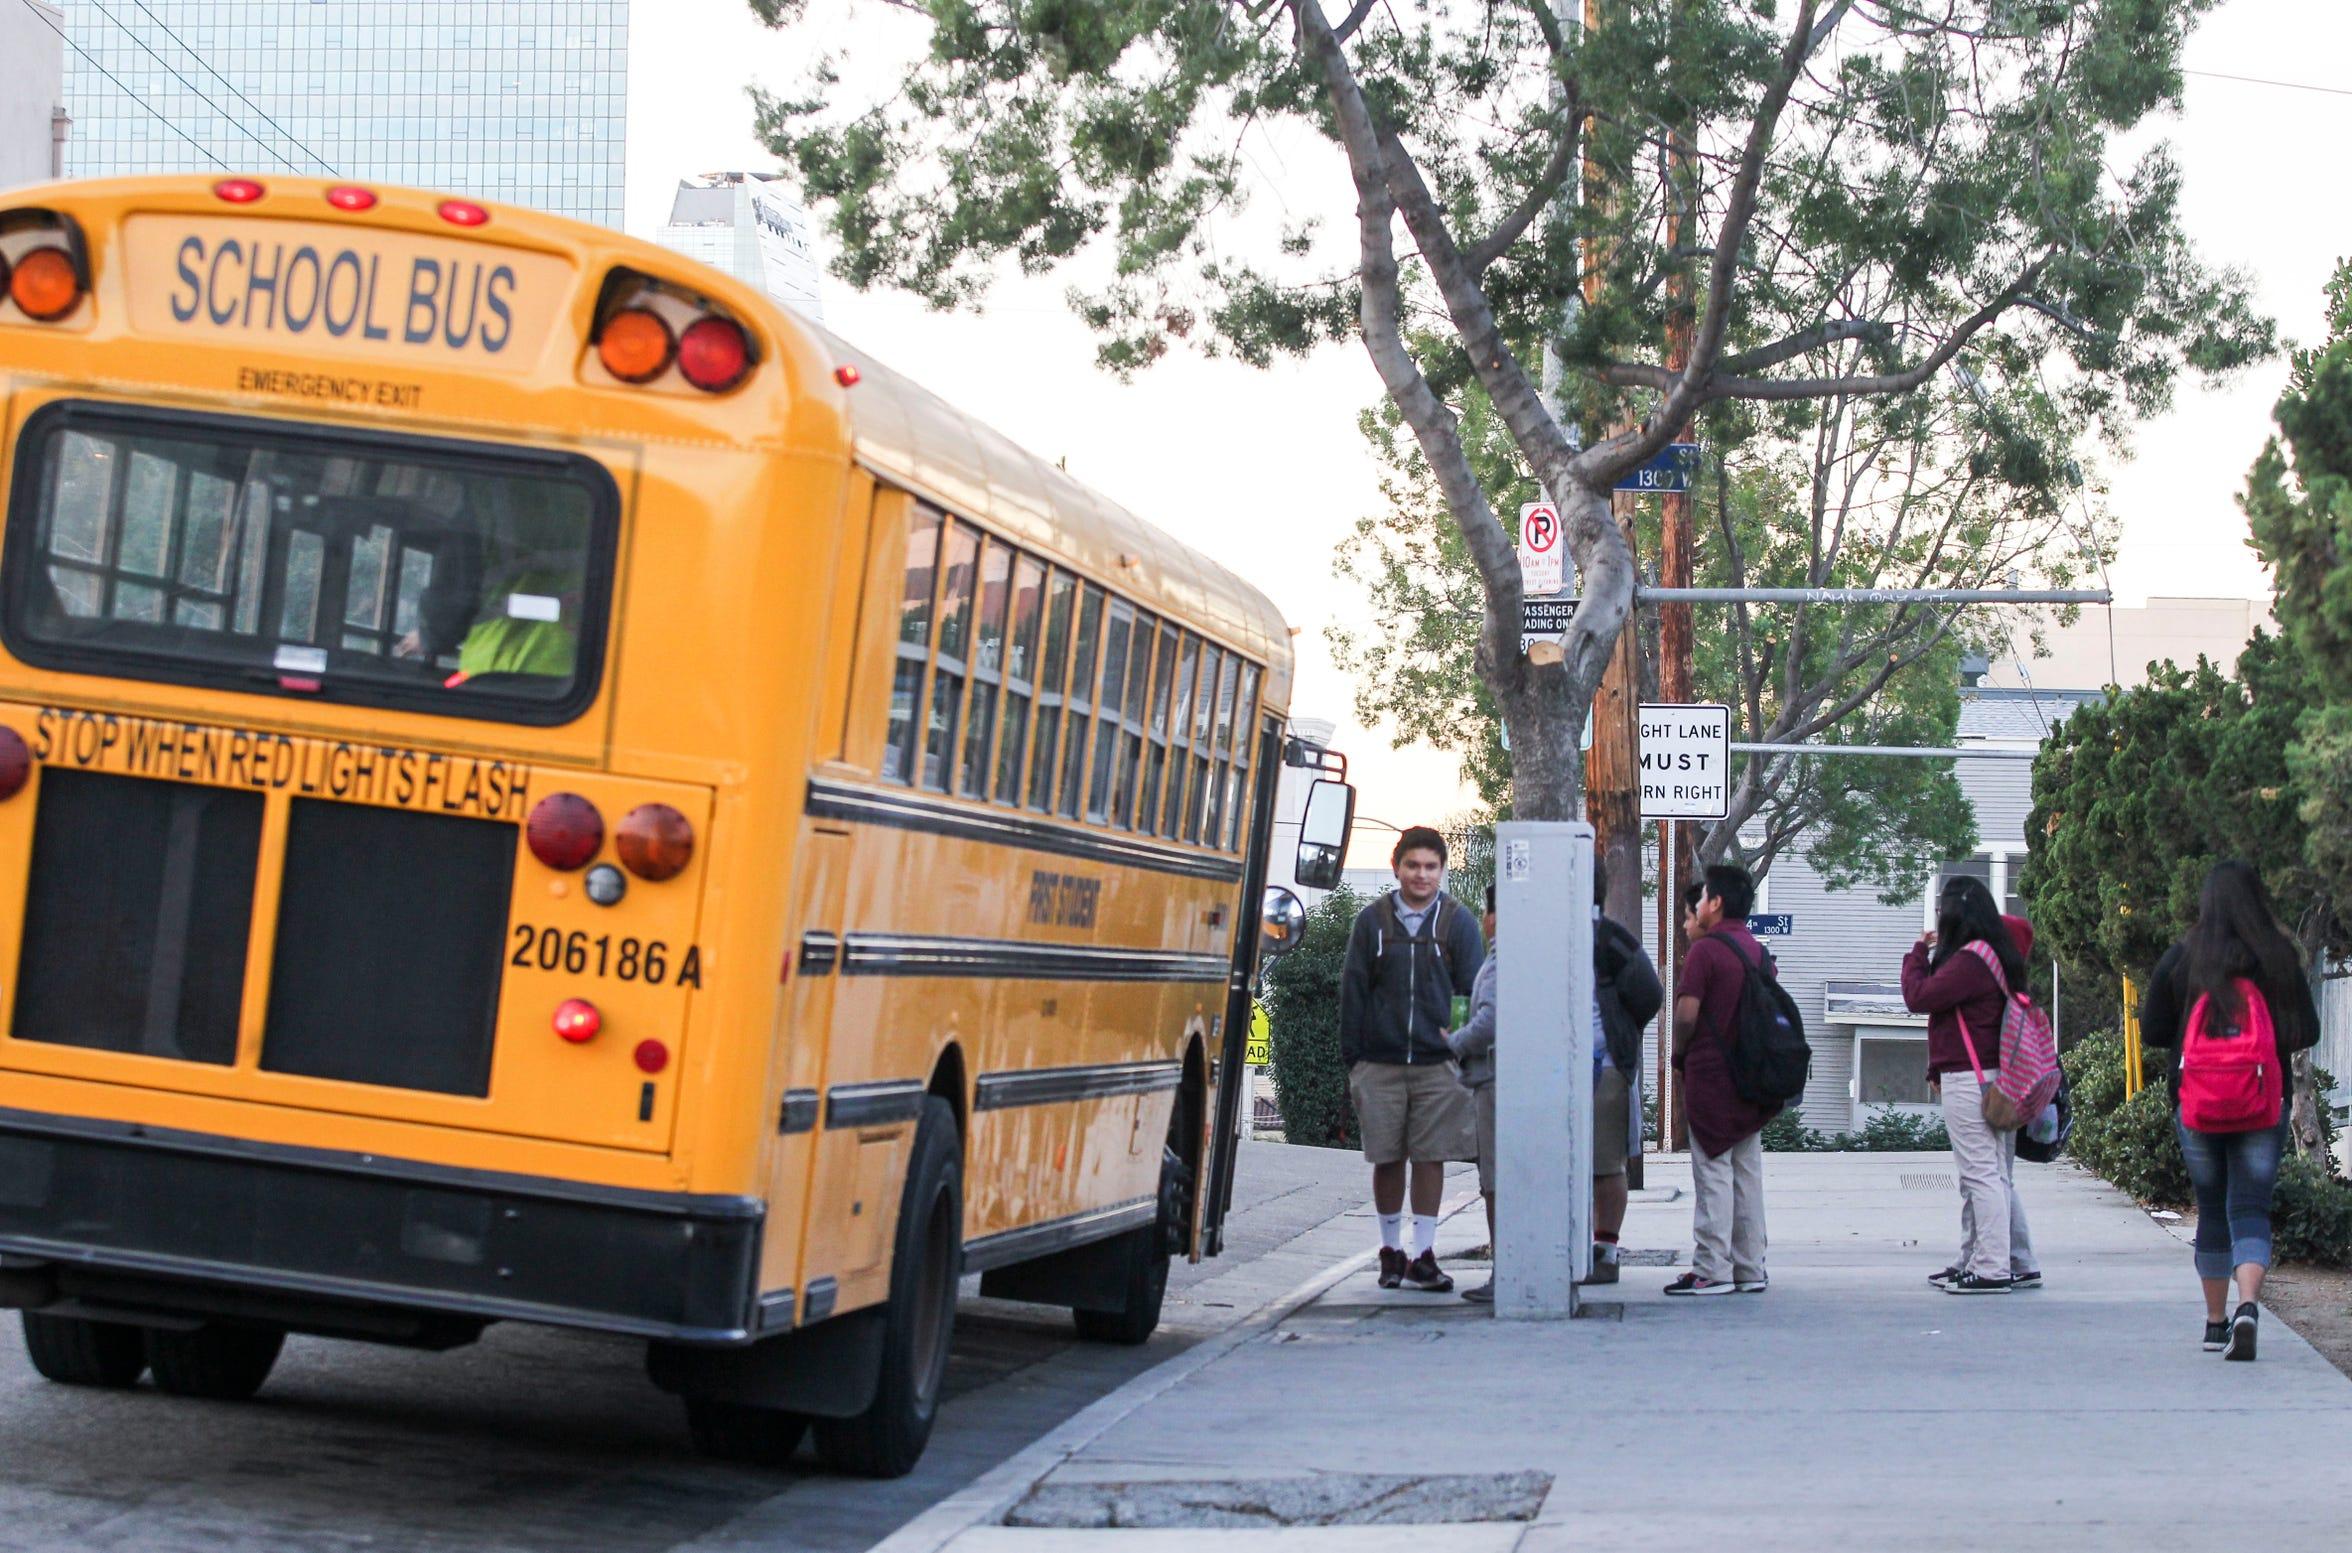 Estudiantes esperan en fila para abordar un autobús escolar. Foto archivo.